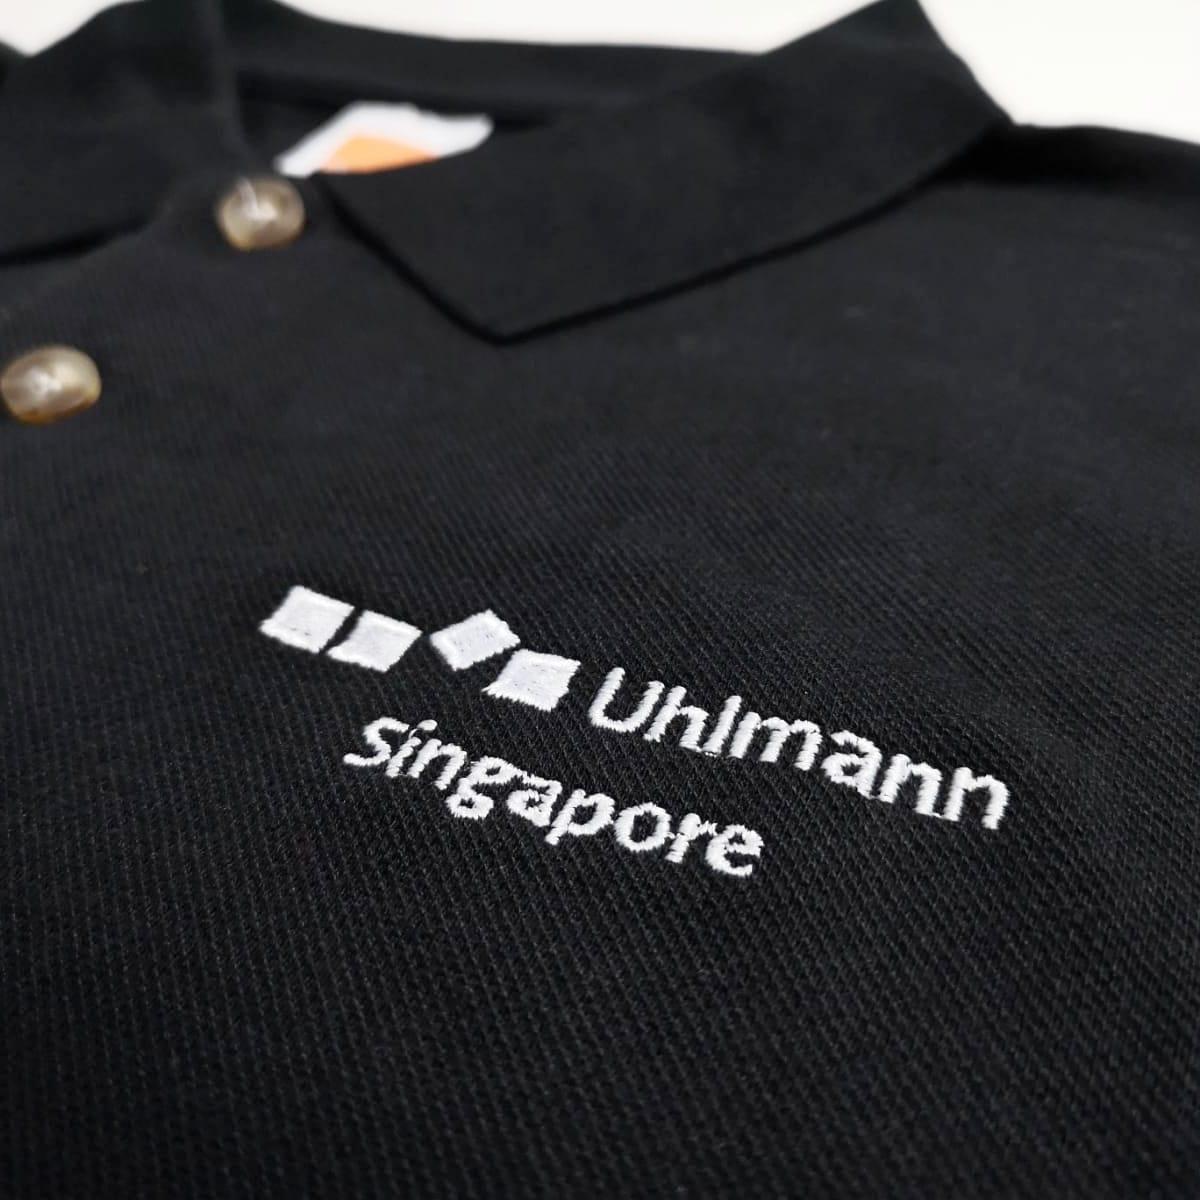 UHLMANN SINGAPORE